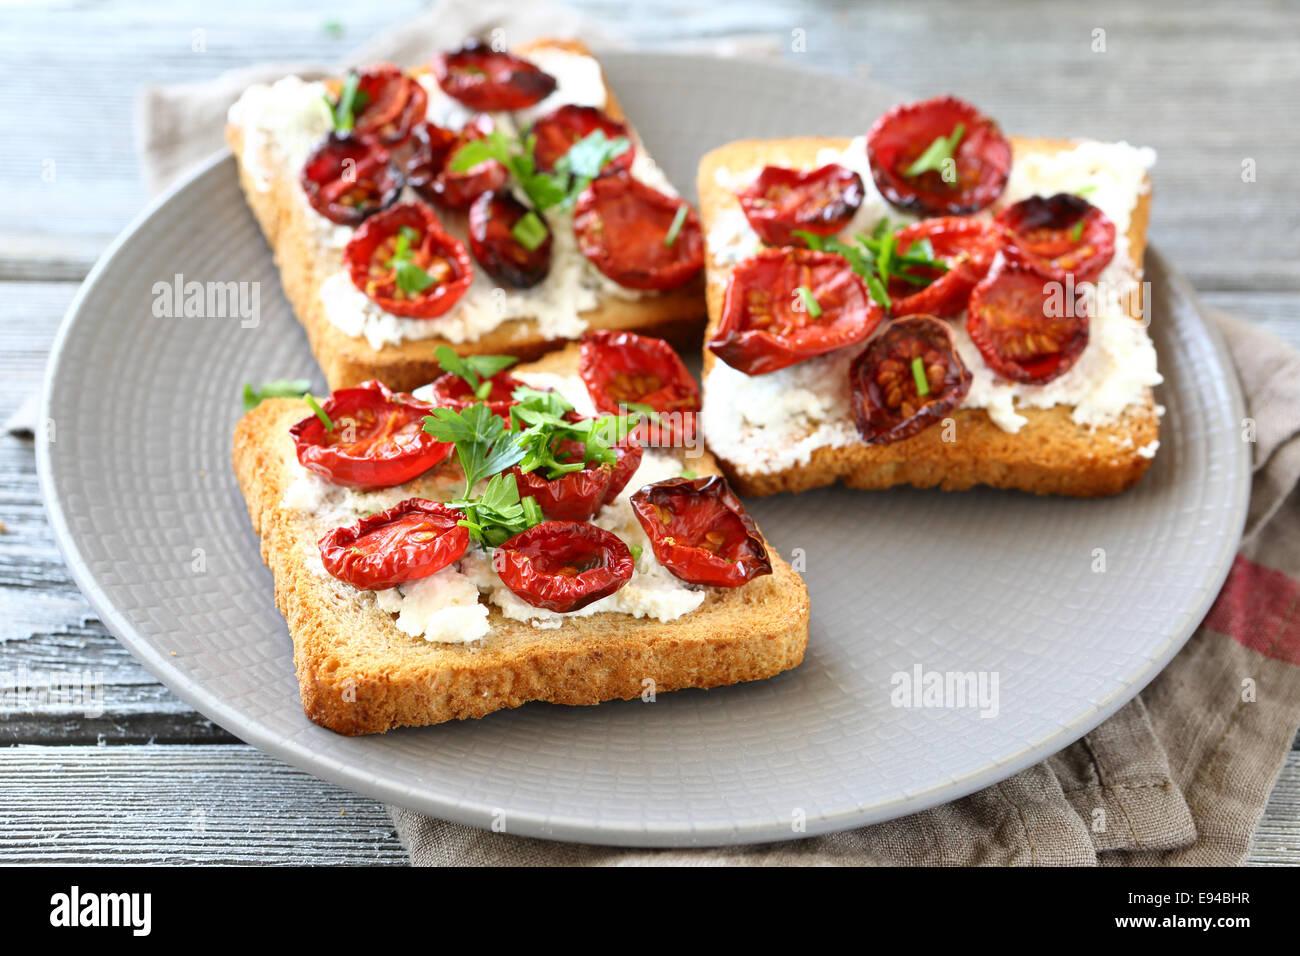 Bruschettas aux tomates séchées et fromage, nourriture délicieuse Photo Stock